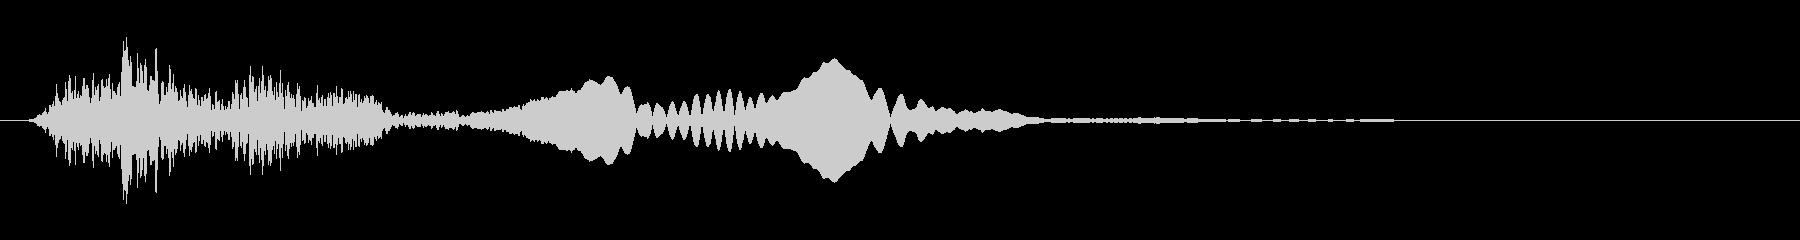 ディープロージャイアントドラゴンモ...の未再生の波形